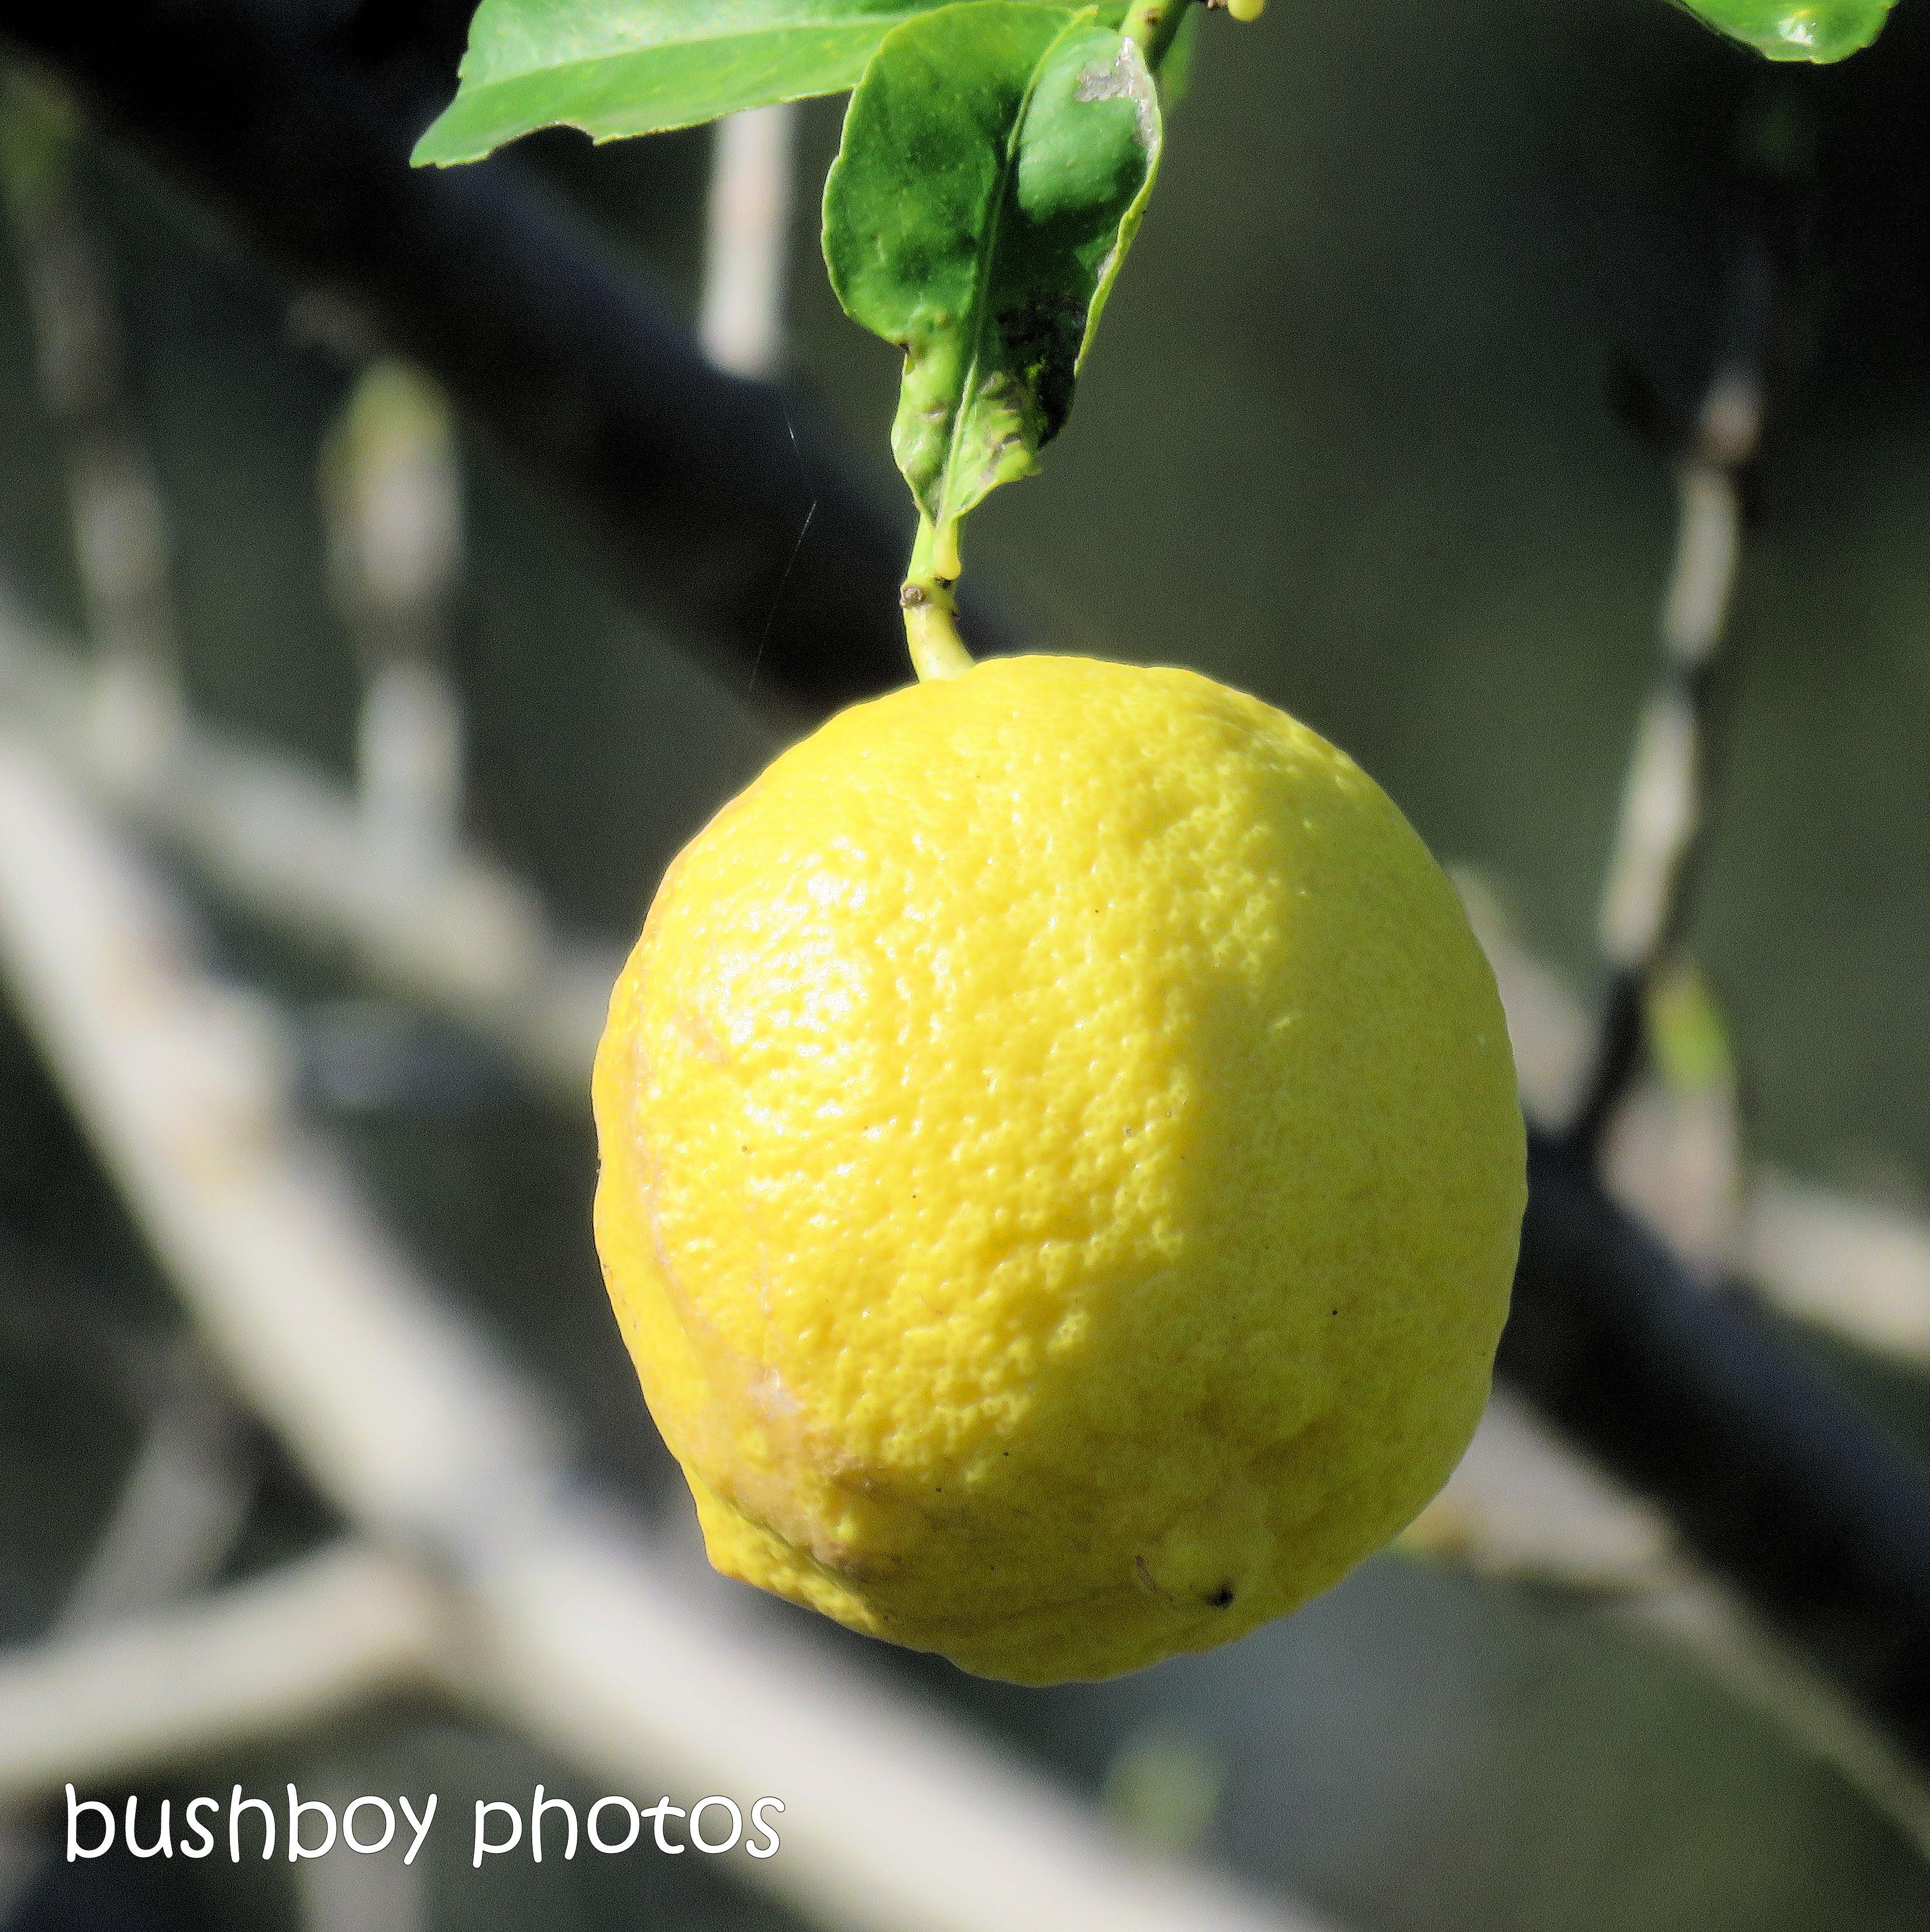 181207_time_square_lemon_sour_time